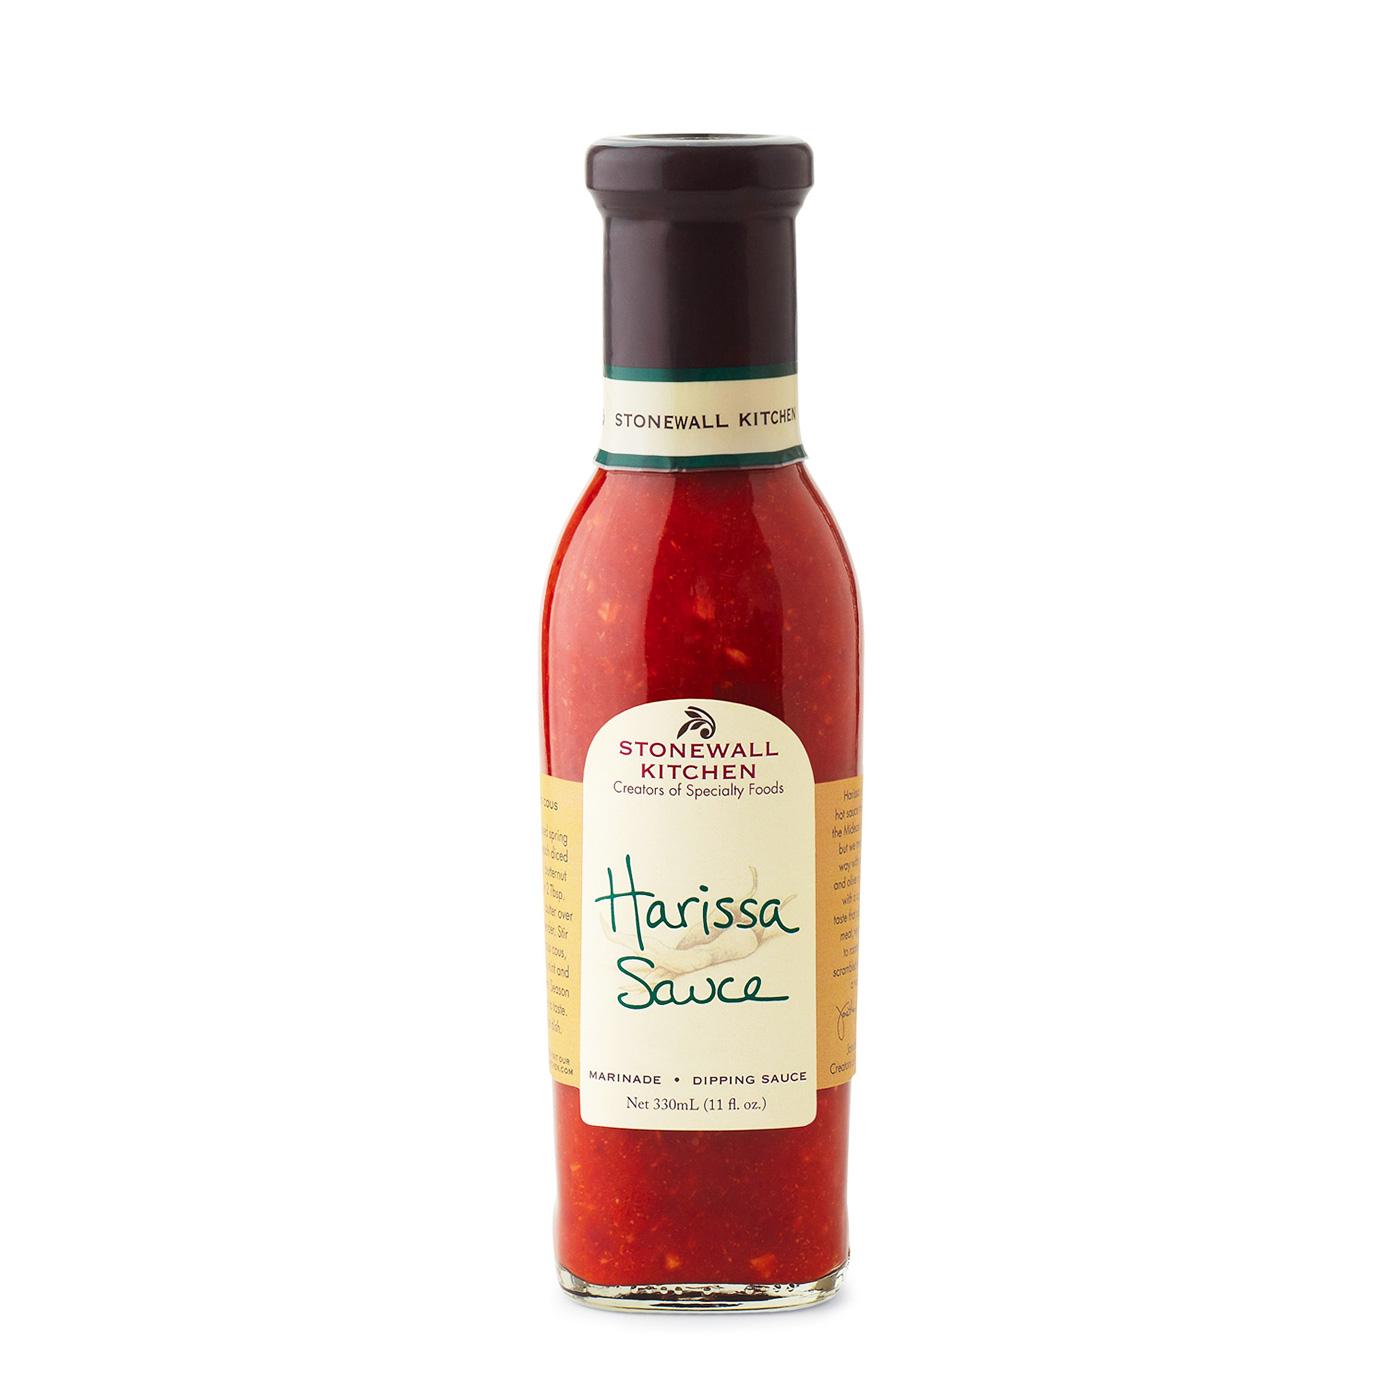 Harissa Sauce | Sauces & Meal Starters | Stonewall Kitchen